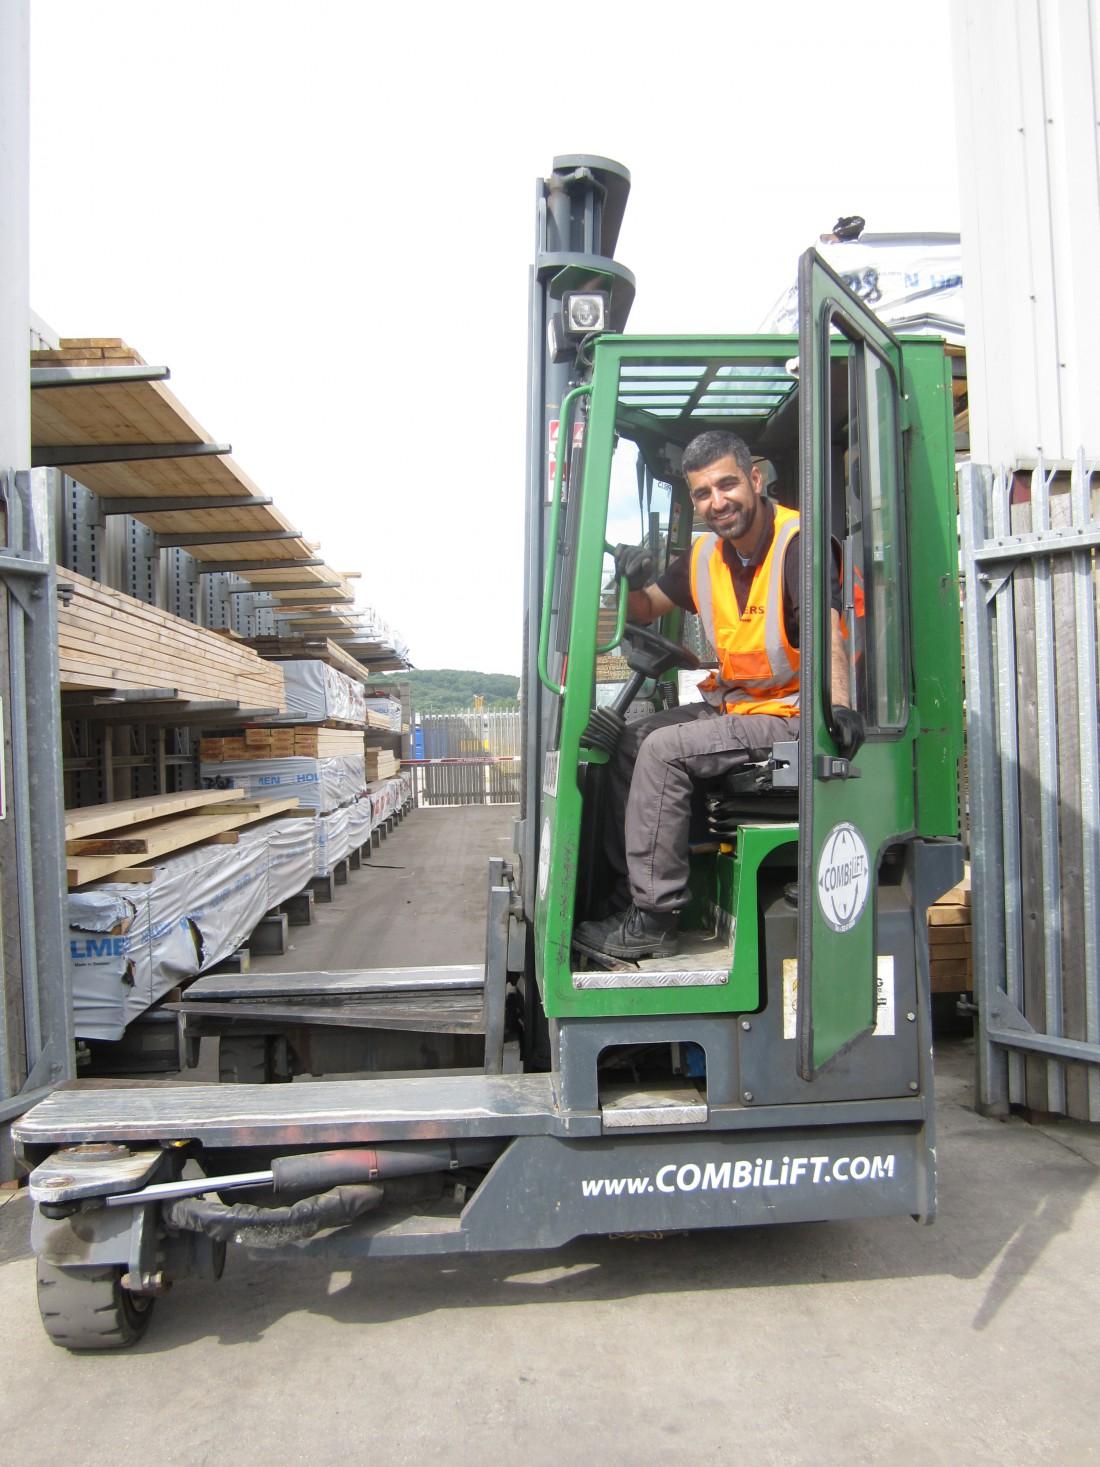 Rasoul Adeli on fork lift truck